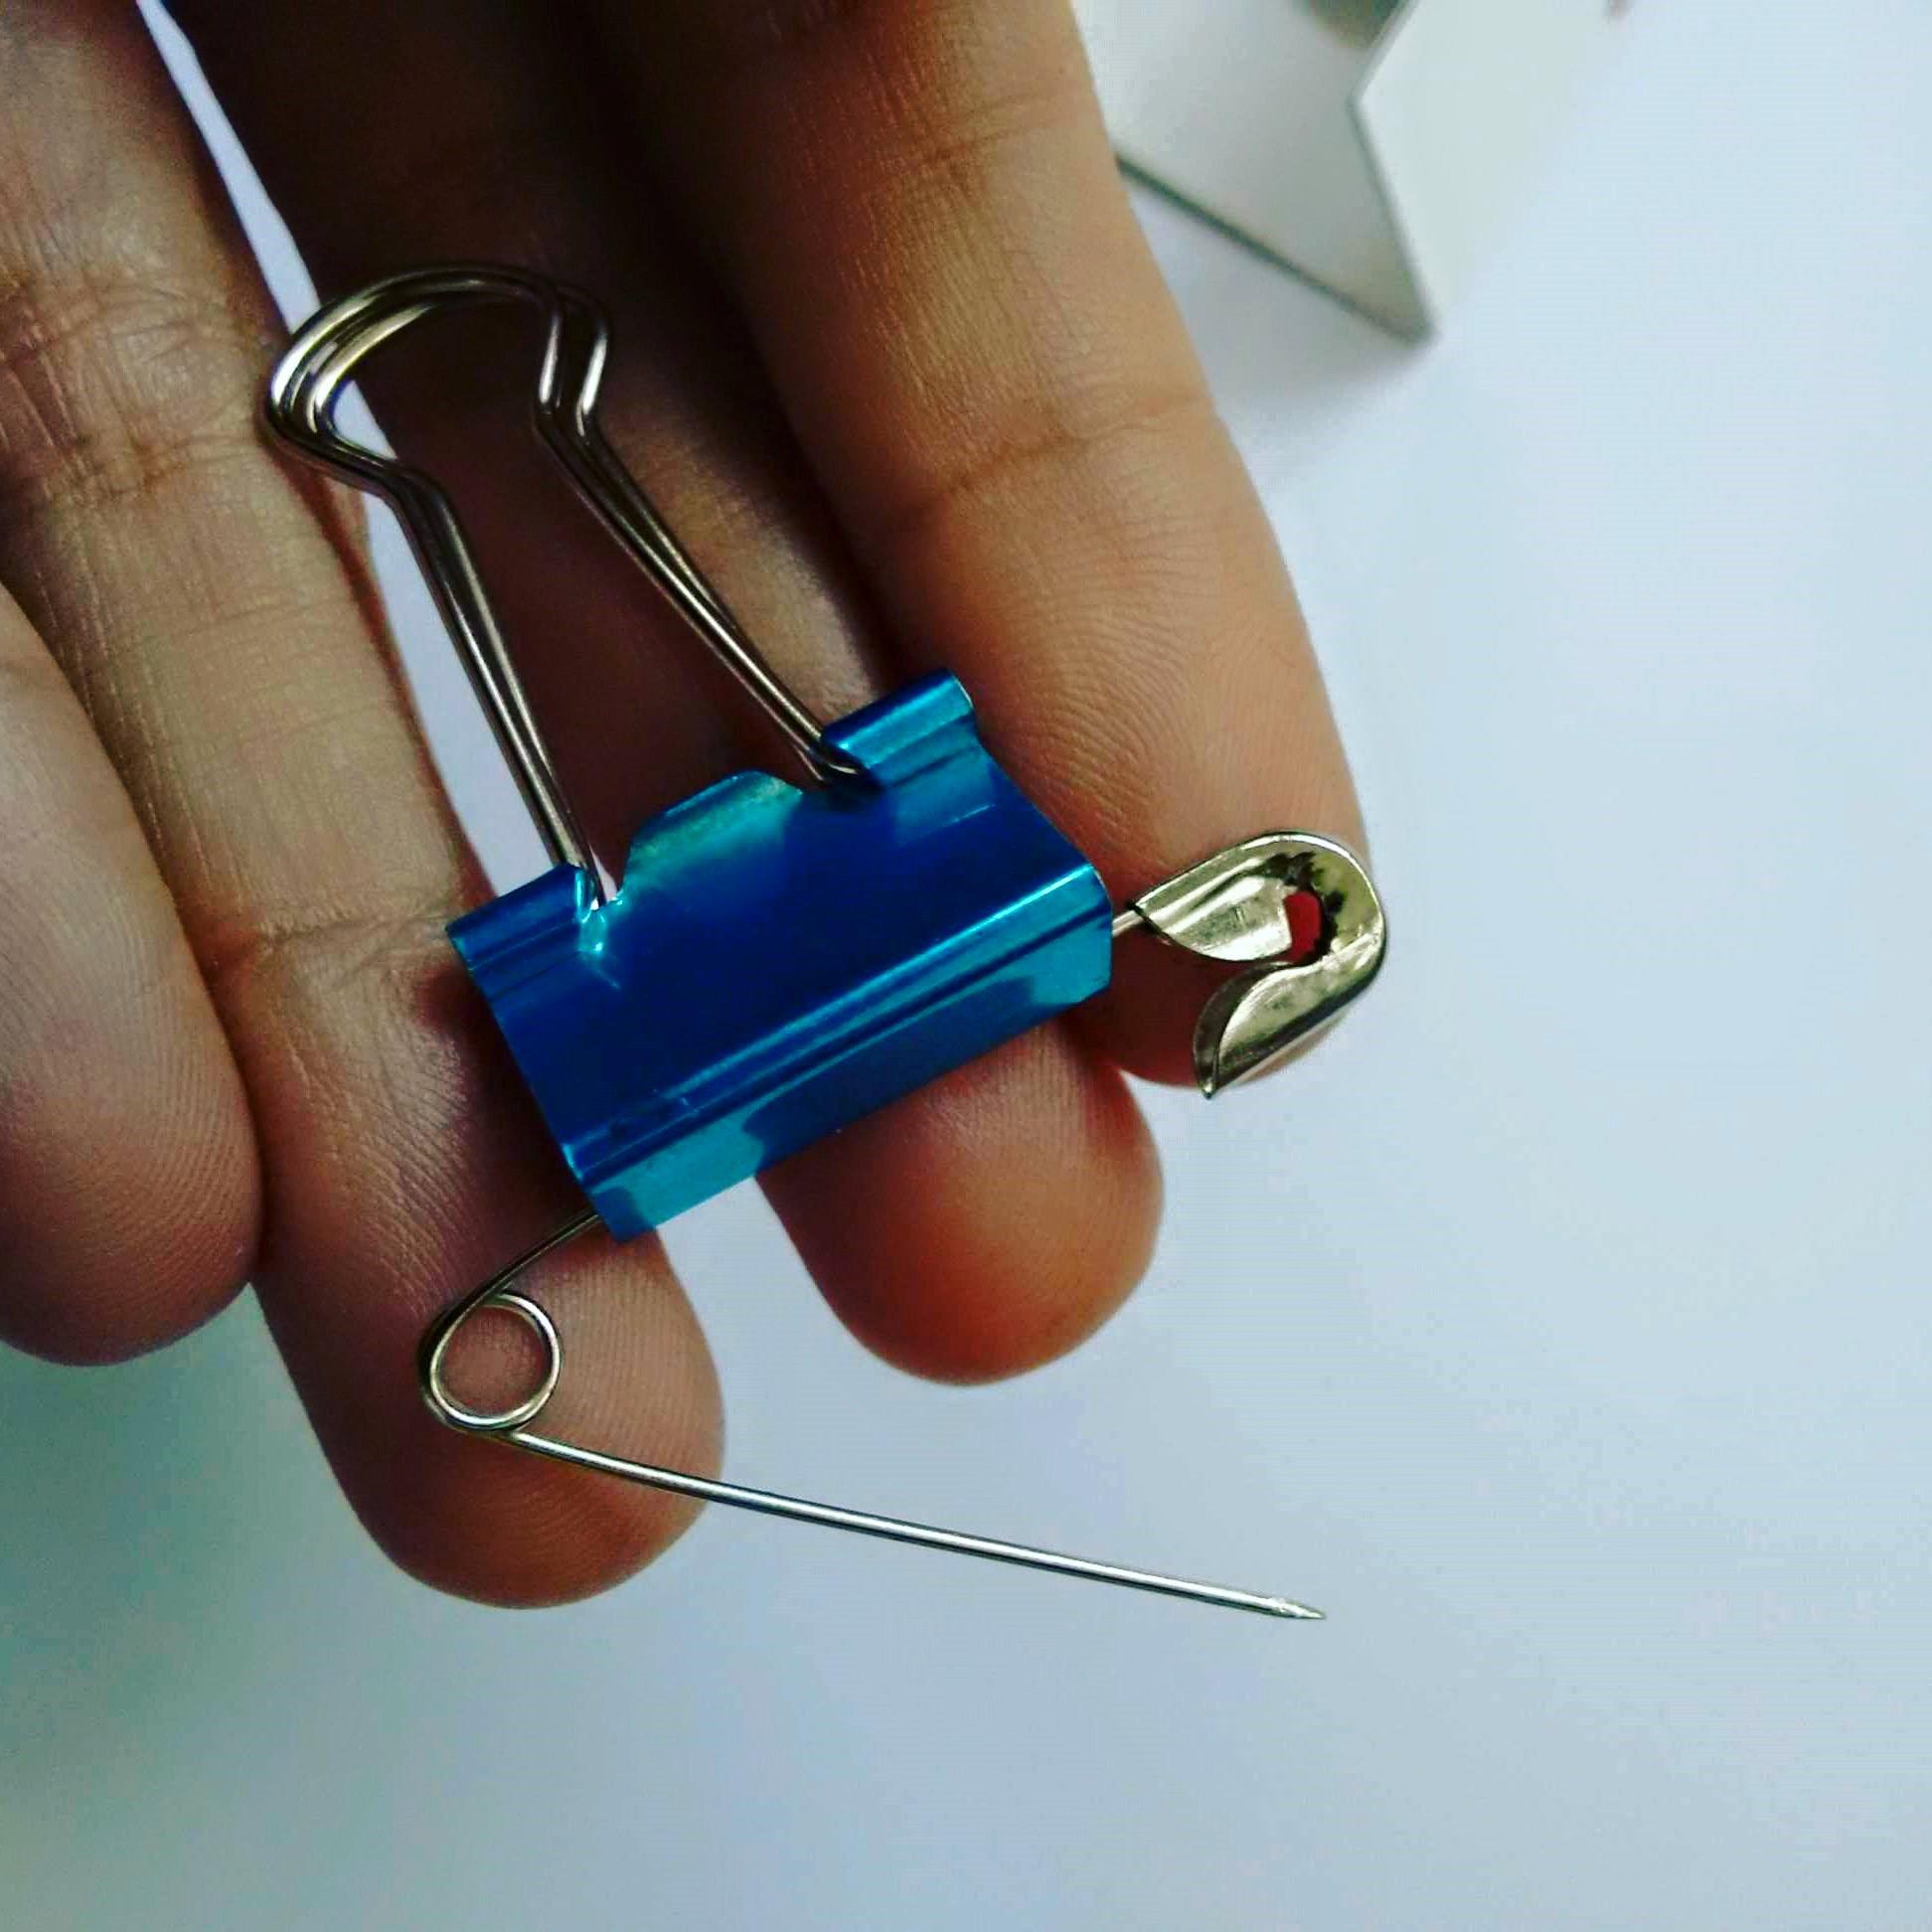 Picture of Prepare the Clip